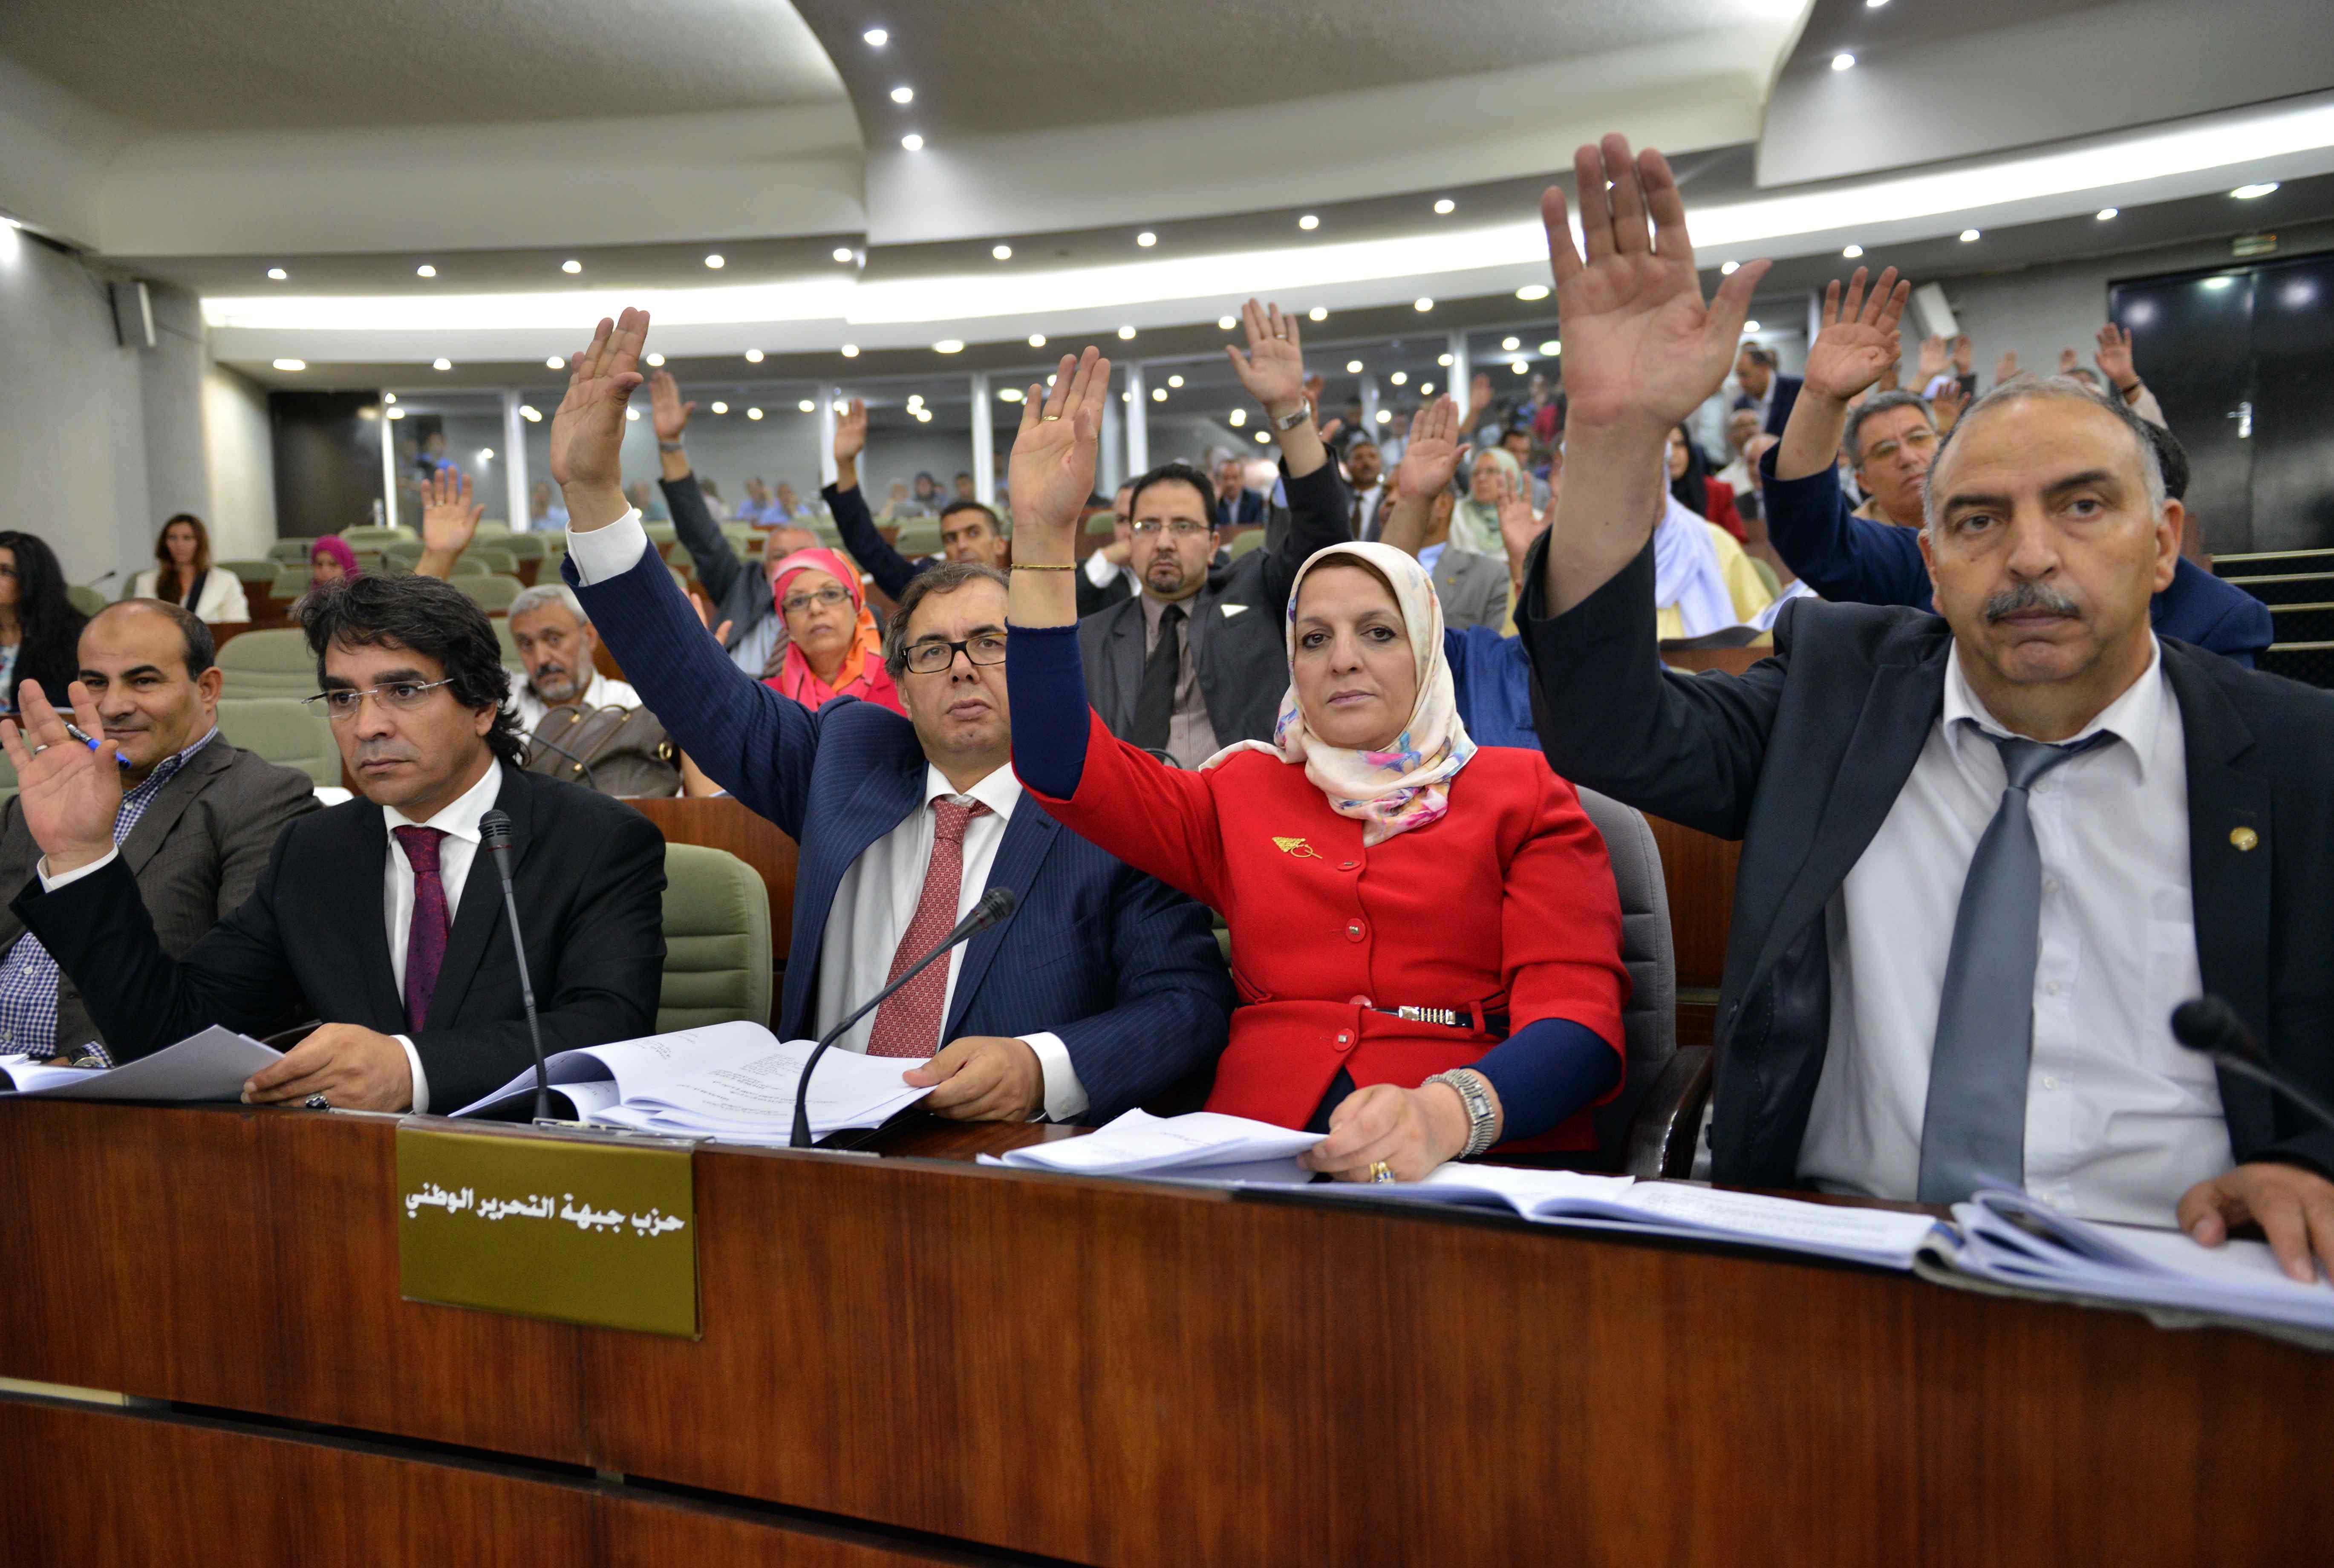 Le vote du FLN ont suffi pour faire passer tous les textes de loi critiqués par les formations de l'opposition. New Press